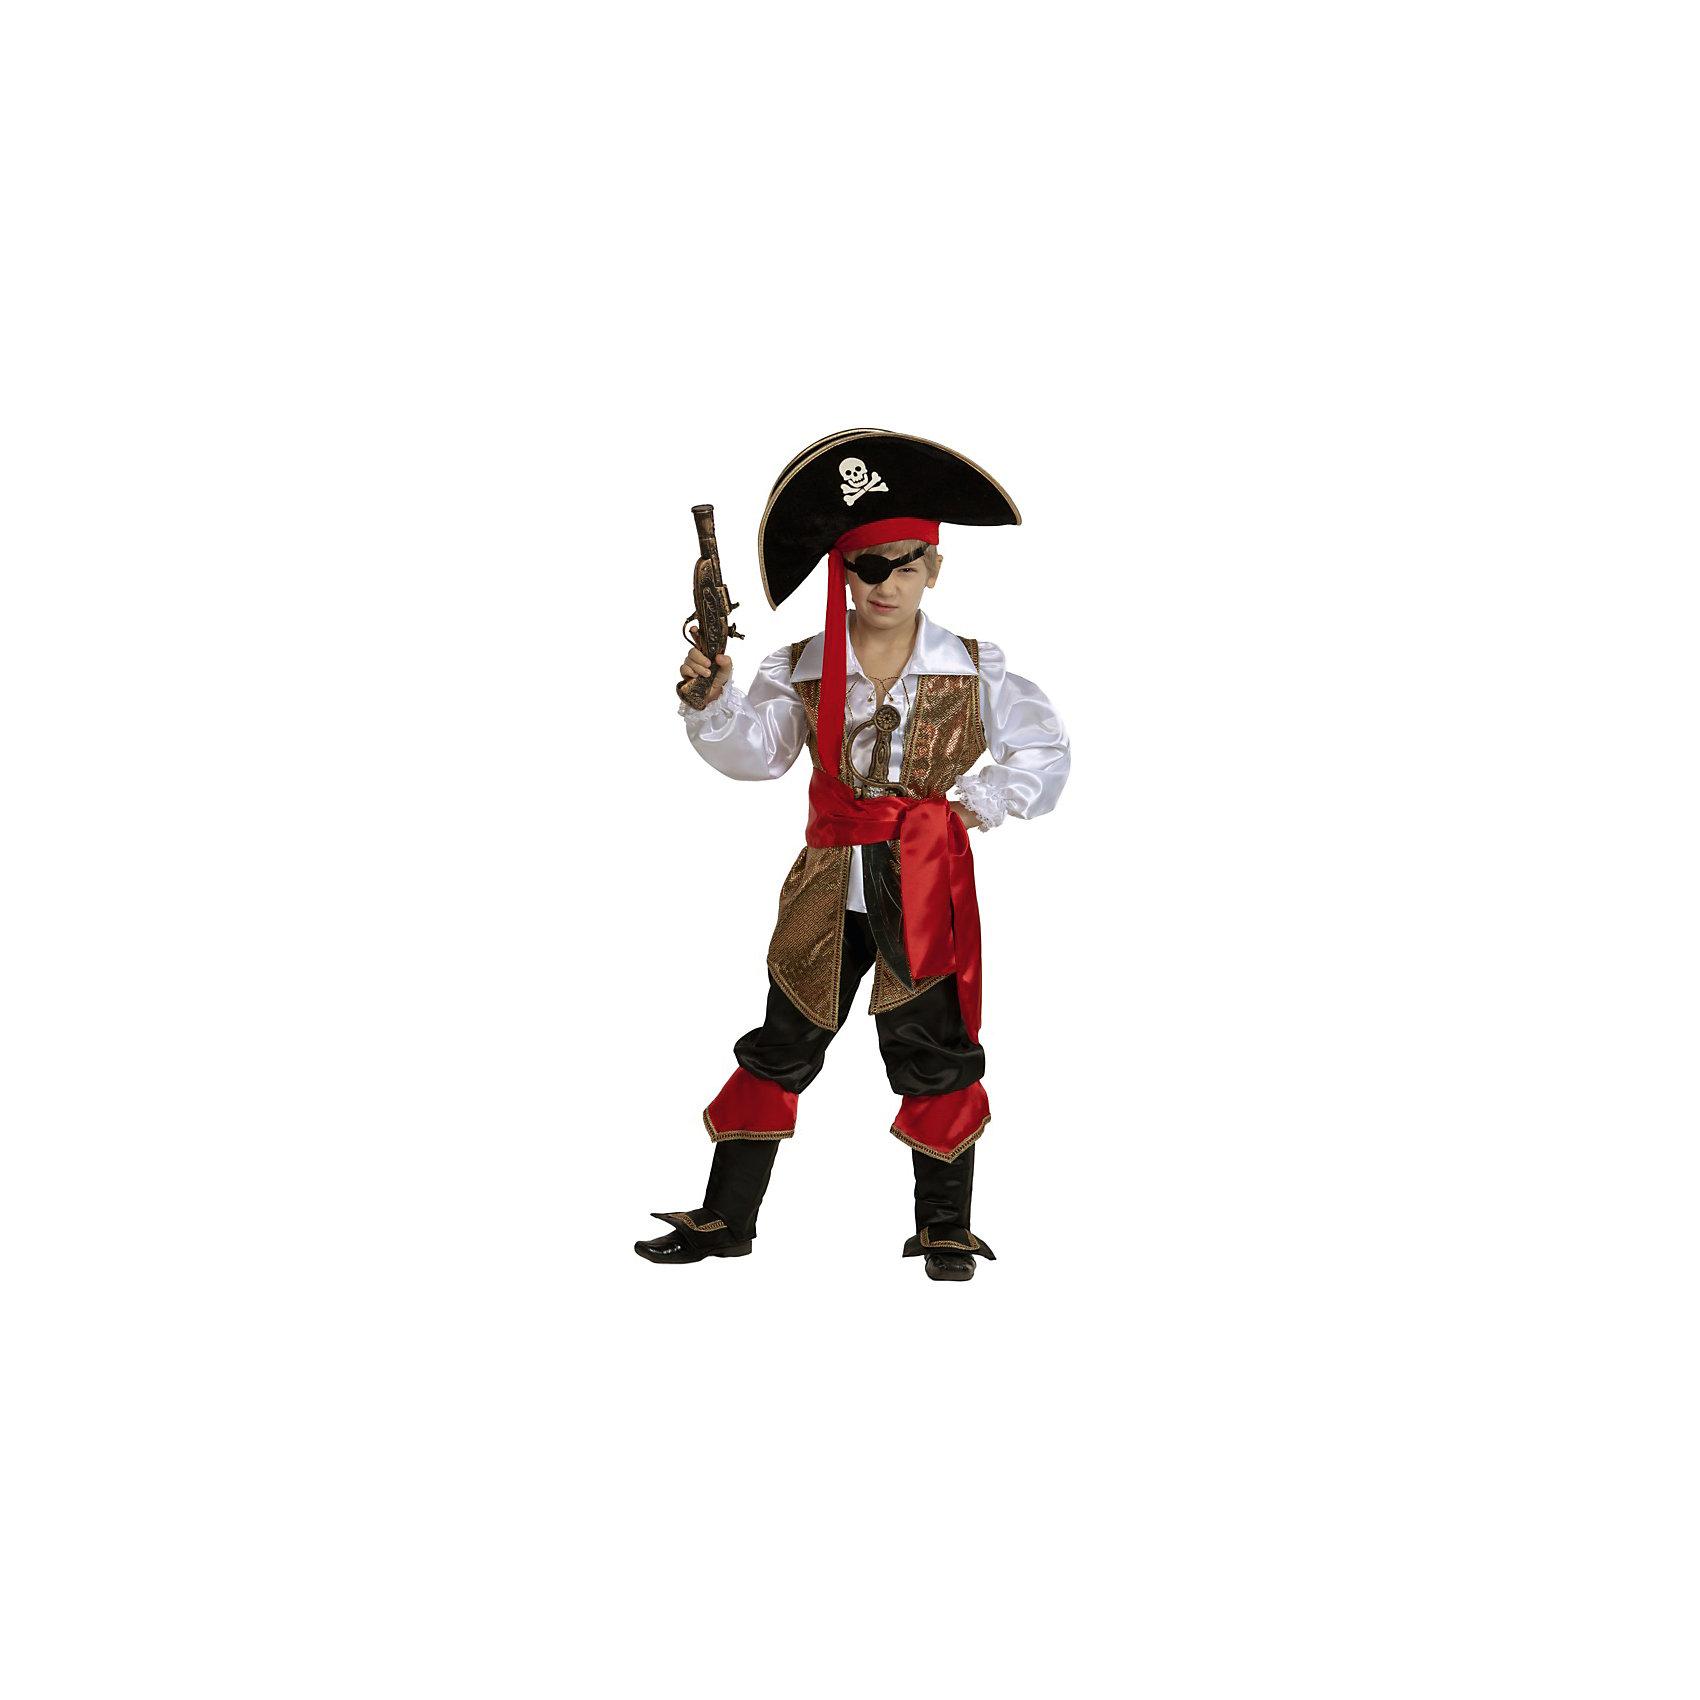 Карнавальный костюм Капитан Флинт, БатикМаски и карнавальные костюмы<br>Карнавальный костюм Капитан Флинт, Батик<br><br>Характеристики:<br><br>• Материал: бархат .<br>• Цвет: черный, красный.<br><br>В комплекте:<br><br>• жилет;<br>• белая рубаха;<br>• бриджи с сапогами;<br>• шляпа;<br>• повязка на глаз;<br>• красный пояс;<br>• сабля и мушкет.<br><br>Ваш храбрый и отважный пират будет неотразим в карнавальном костюме Капитан Флинт. Черные бриджи с имитацией ботфорт, шляпа декорирована пиратской символикой, жилет выполнен из ткани под золото. Завершают образ повязка на глаз и красный кушак. В таком карнавальном костюме, «Капитан Флинт»,  ваш мальчик получит максимальное удовольствие от праздника и подарит радость окружающим!<br><br>Карнавальный костюм Капитан Флинт, Батик можно купить в нашем интернет – магазине.<br><br>Ширина мм: 500<br>Глубина мм: 50<br>Высота мм: 700<br>Вес г: 600<br>Цвет: разноцветный<br>Возраст от месяцев: 60<br>Возраст до месяцев: 72<br>Пол: Мужской<br>Возраст: Детский<br>Размер: 30,32,28<br>SKU: 5092524